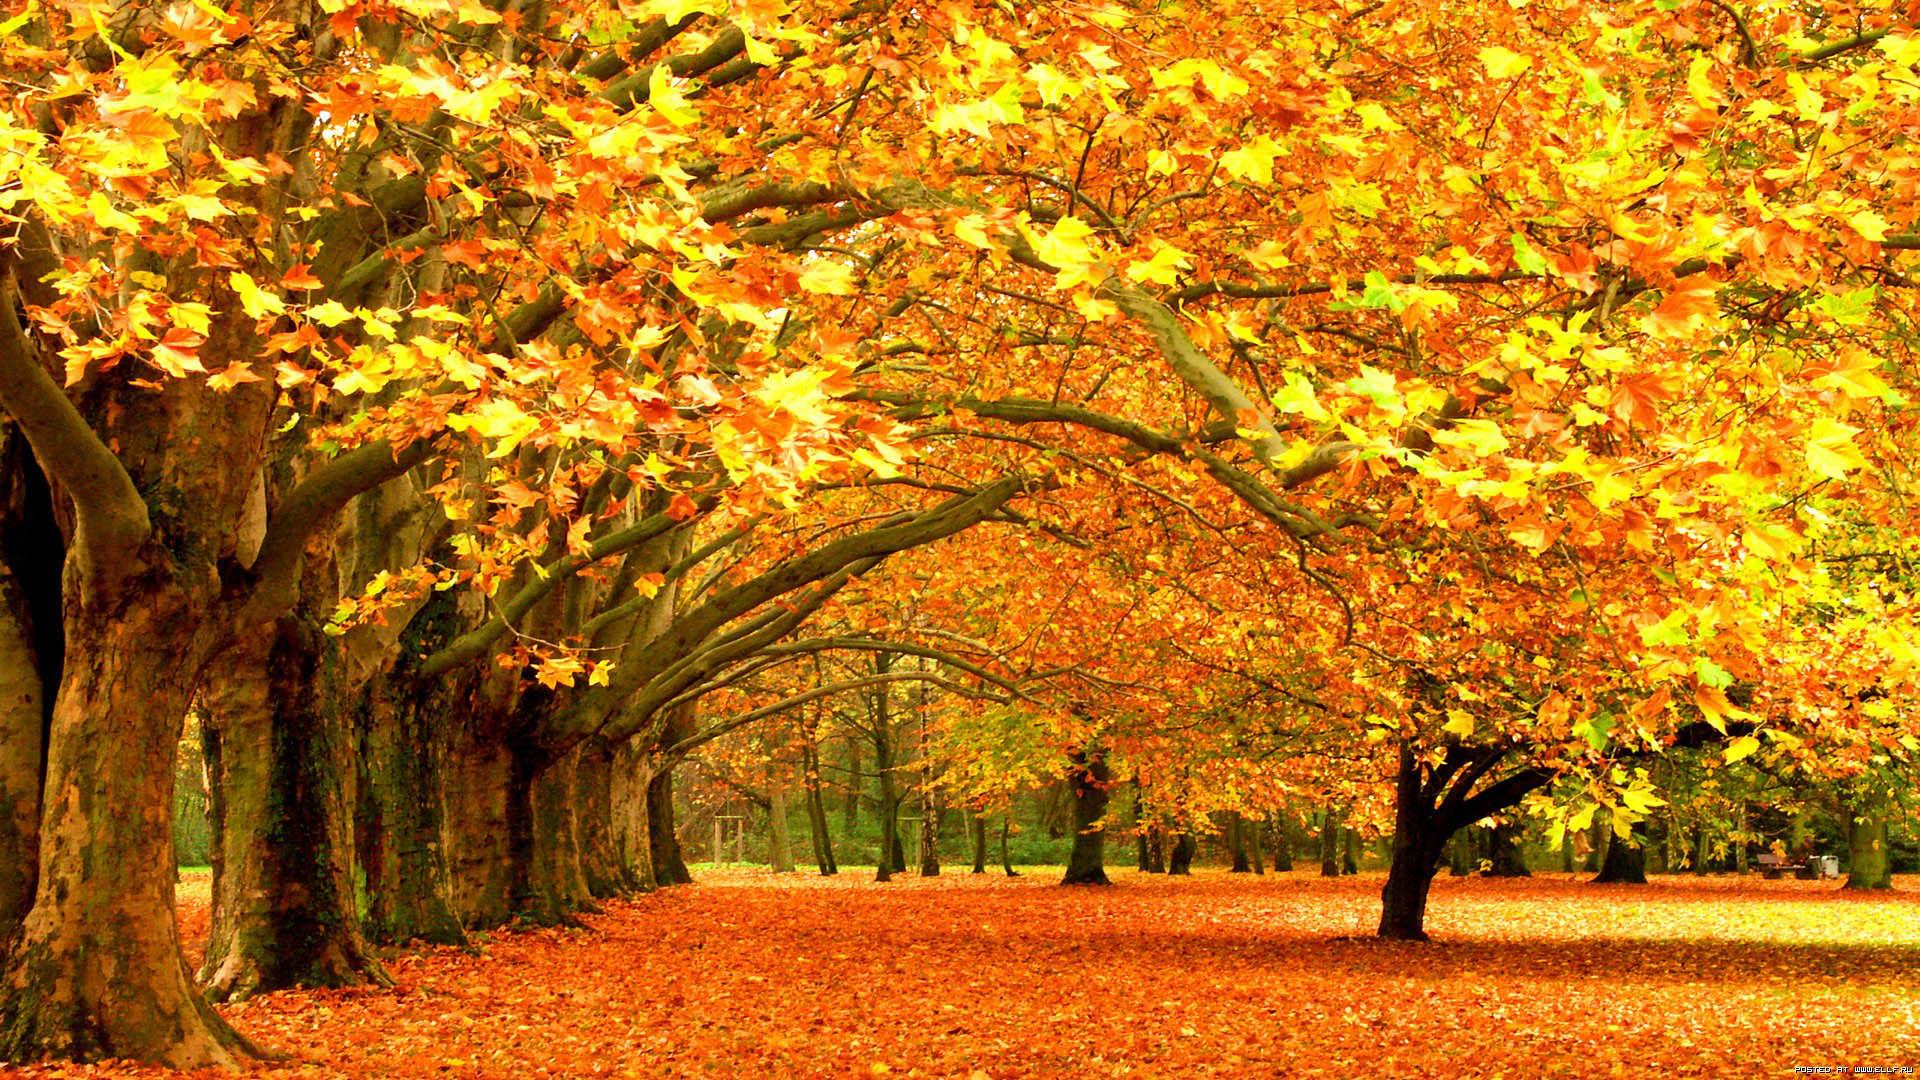 скачать картинки на рабочий стол золотая осень